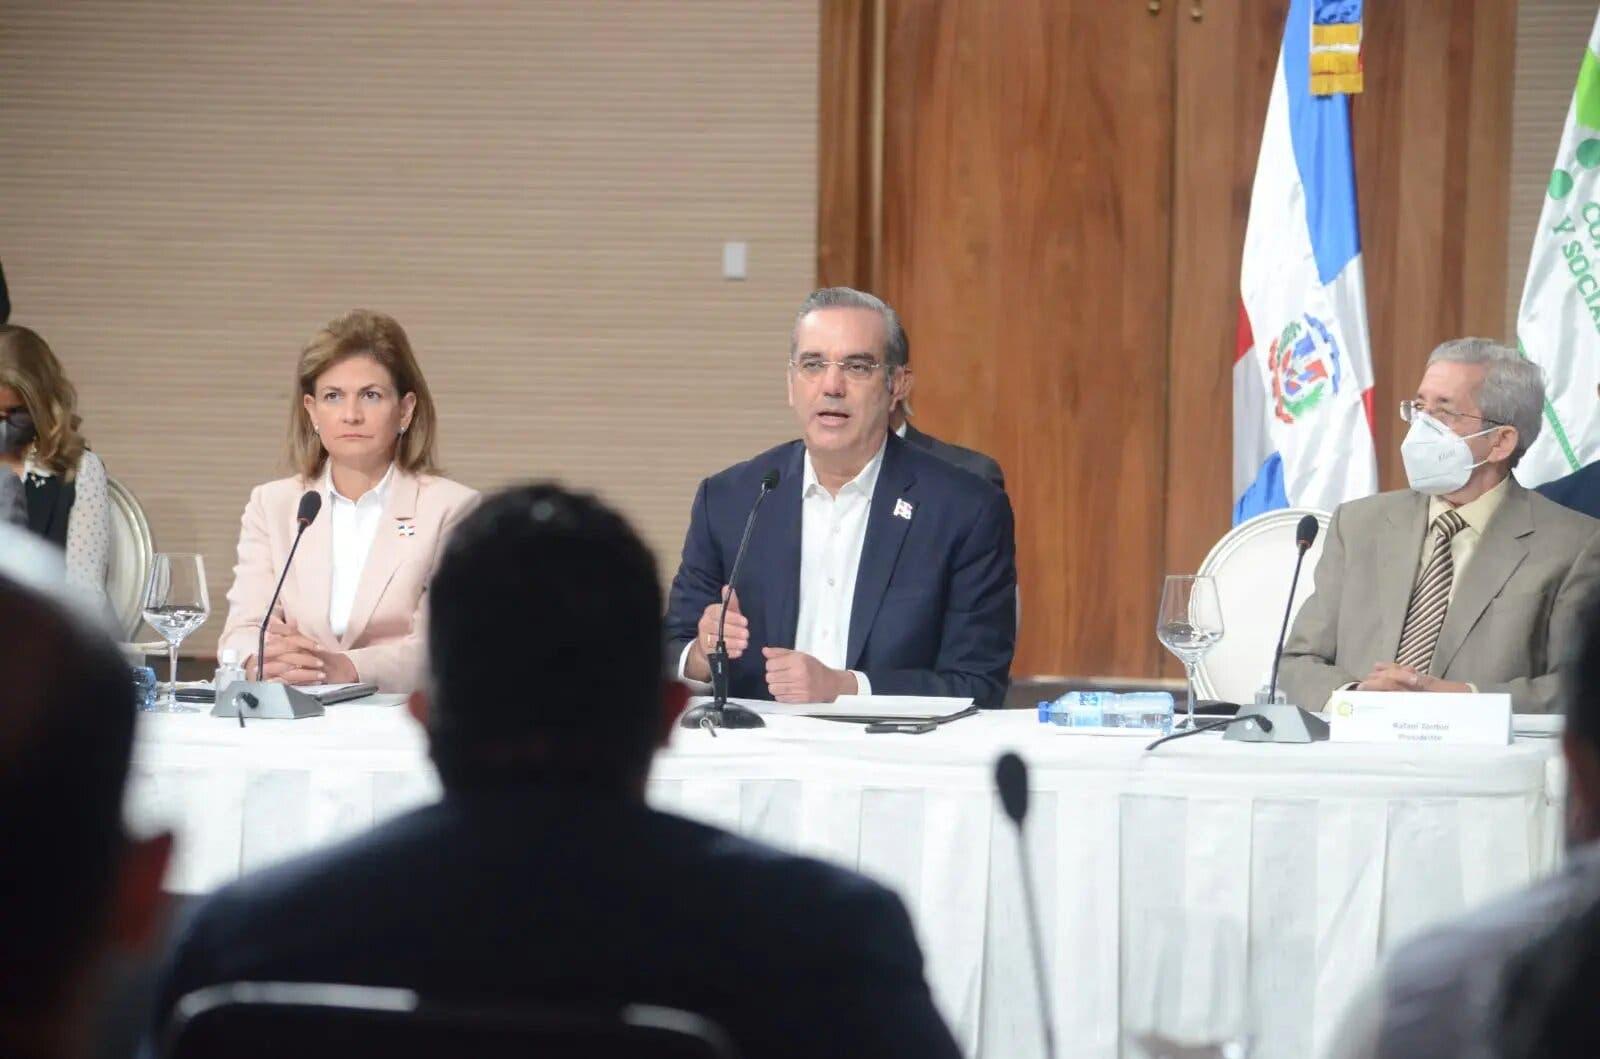 Concluye segunda jornada de Diálogo Nacional; continuarán el 6 de octubre